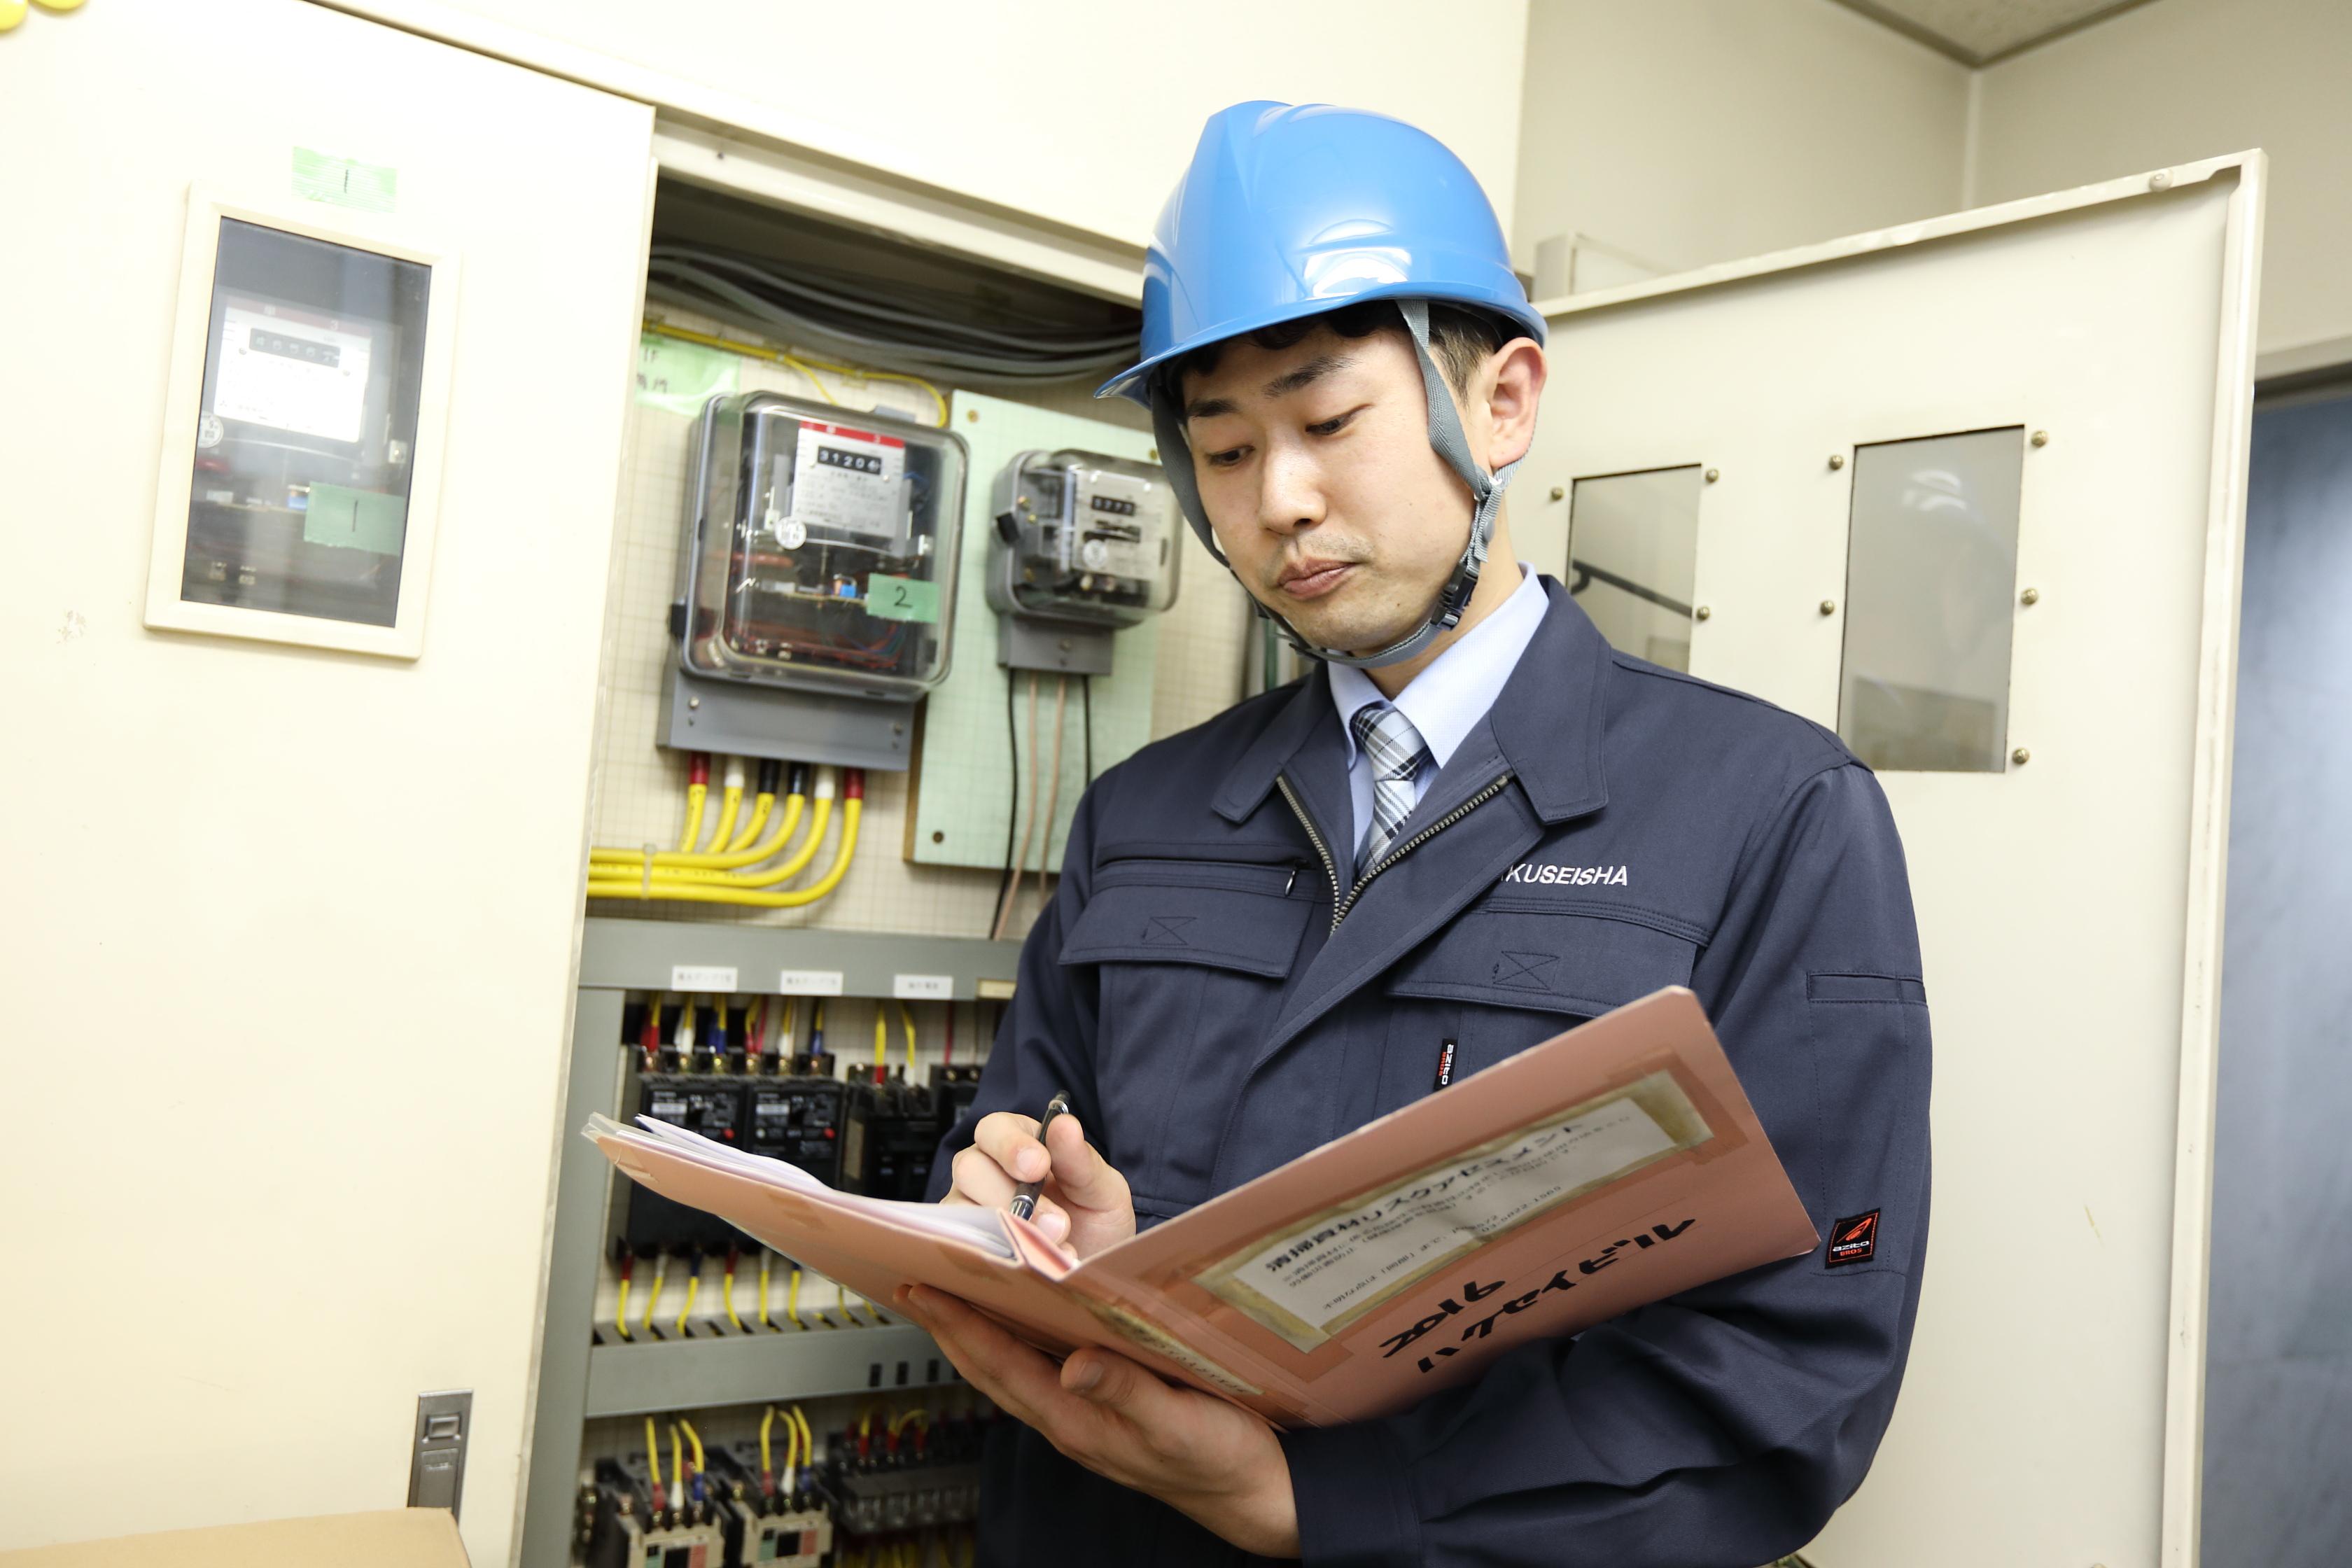 イオングループ/社員登用有/未経験者歓迎/商業施設 設備管理スタッフ-121